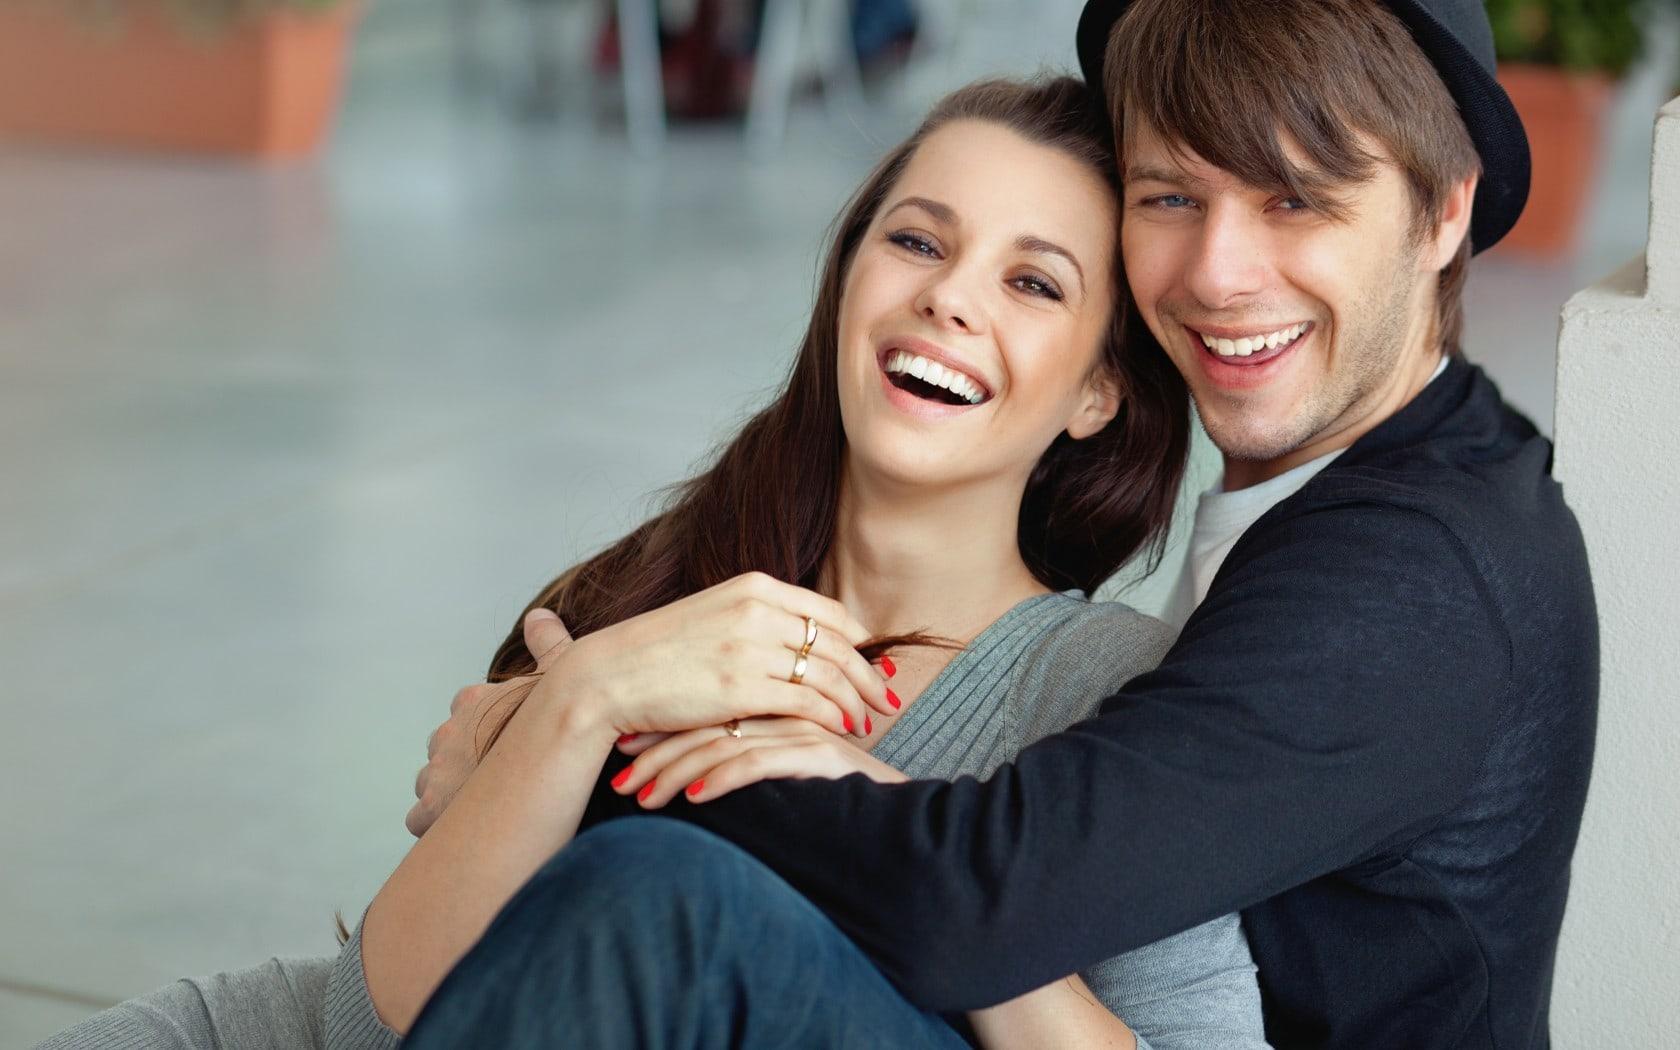 Искусственный интеллект научился различать мужчин и женщин по улыбке